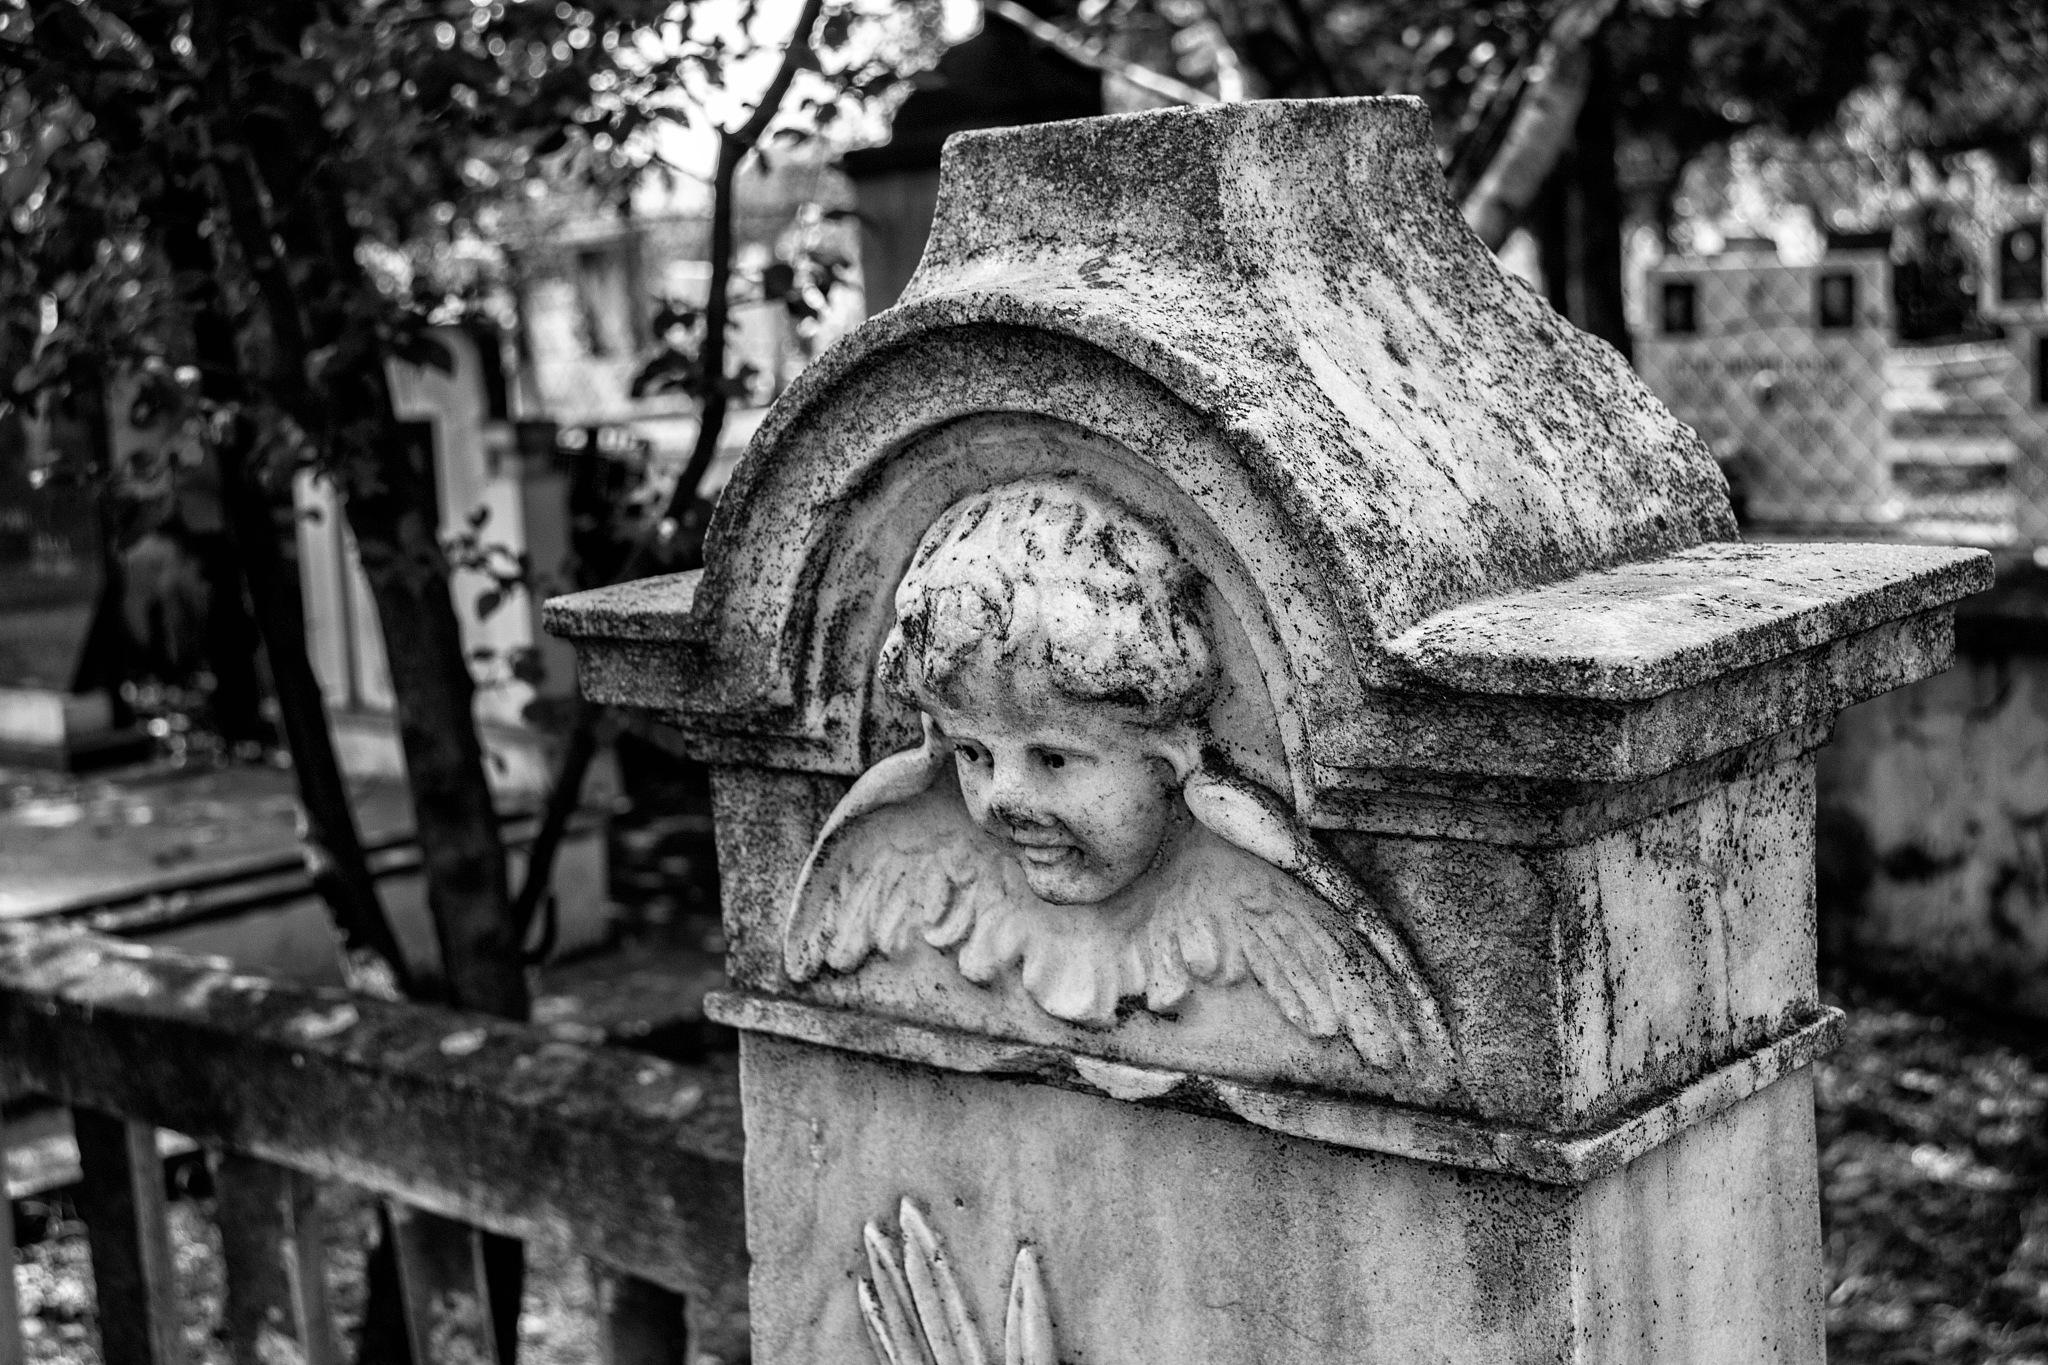 Angel by Goran Dimov